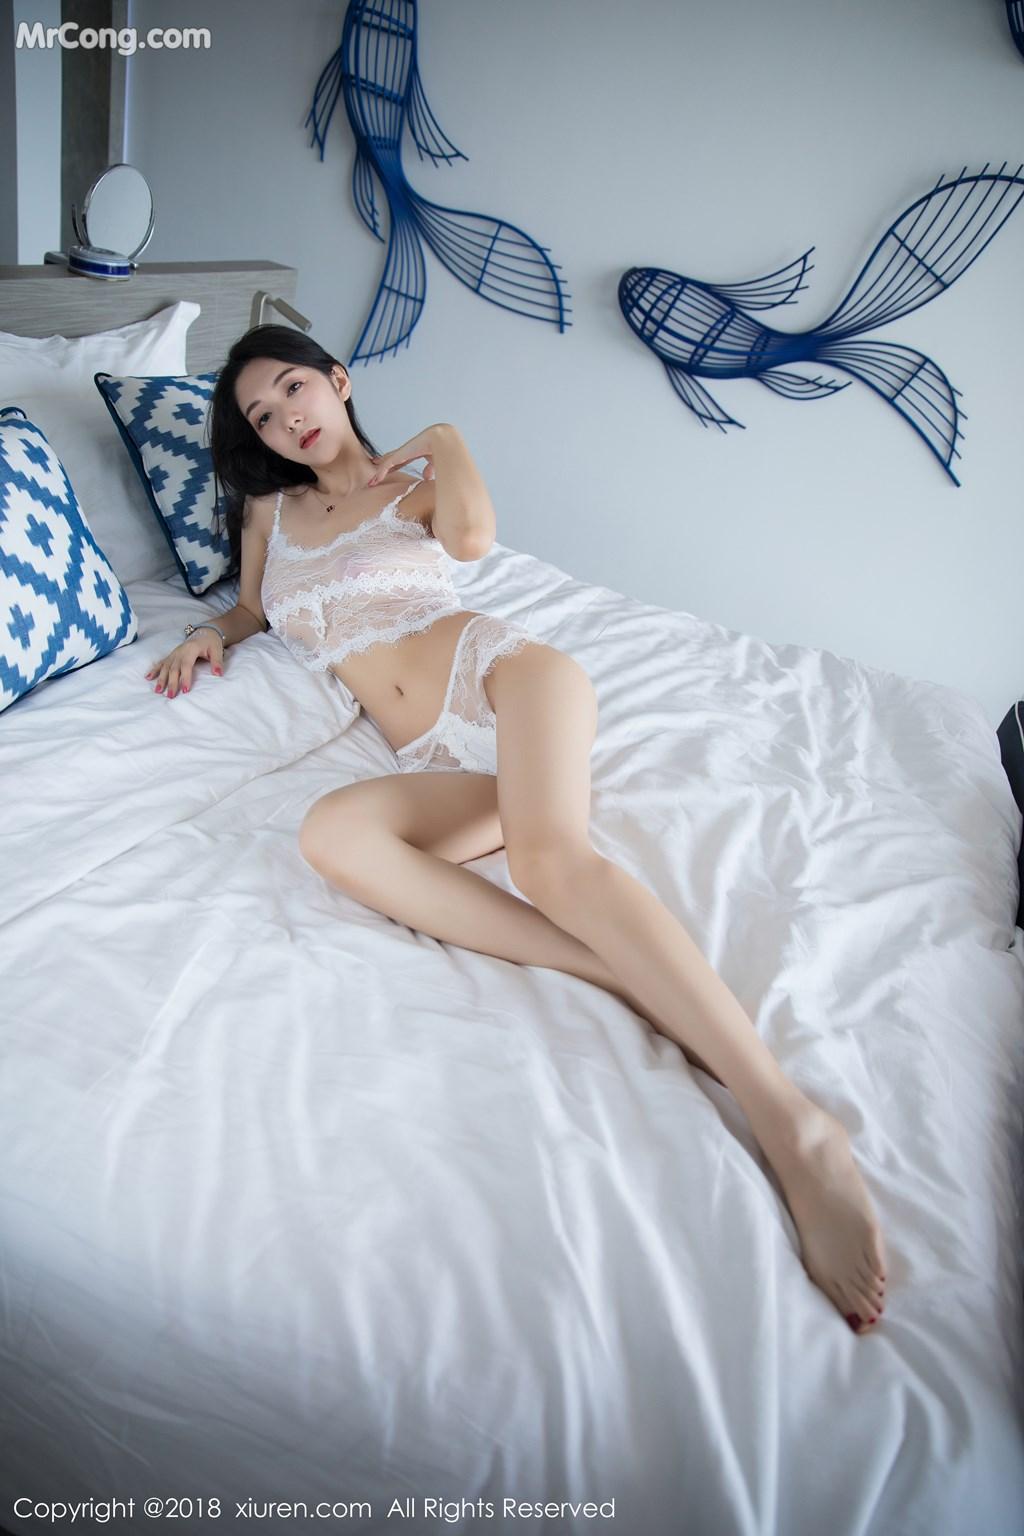 Image XIUREN-No.1205-Xiao-Reba-Angela-MrCong.com-009 in post XIUREN No.1205: Người mẫu Xiao Reba (Angela小热巴) (54 ảnh)